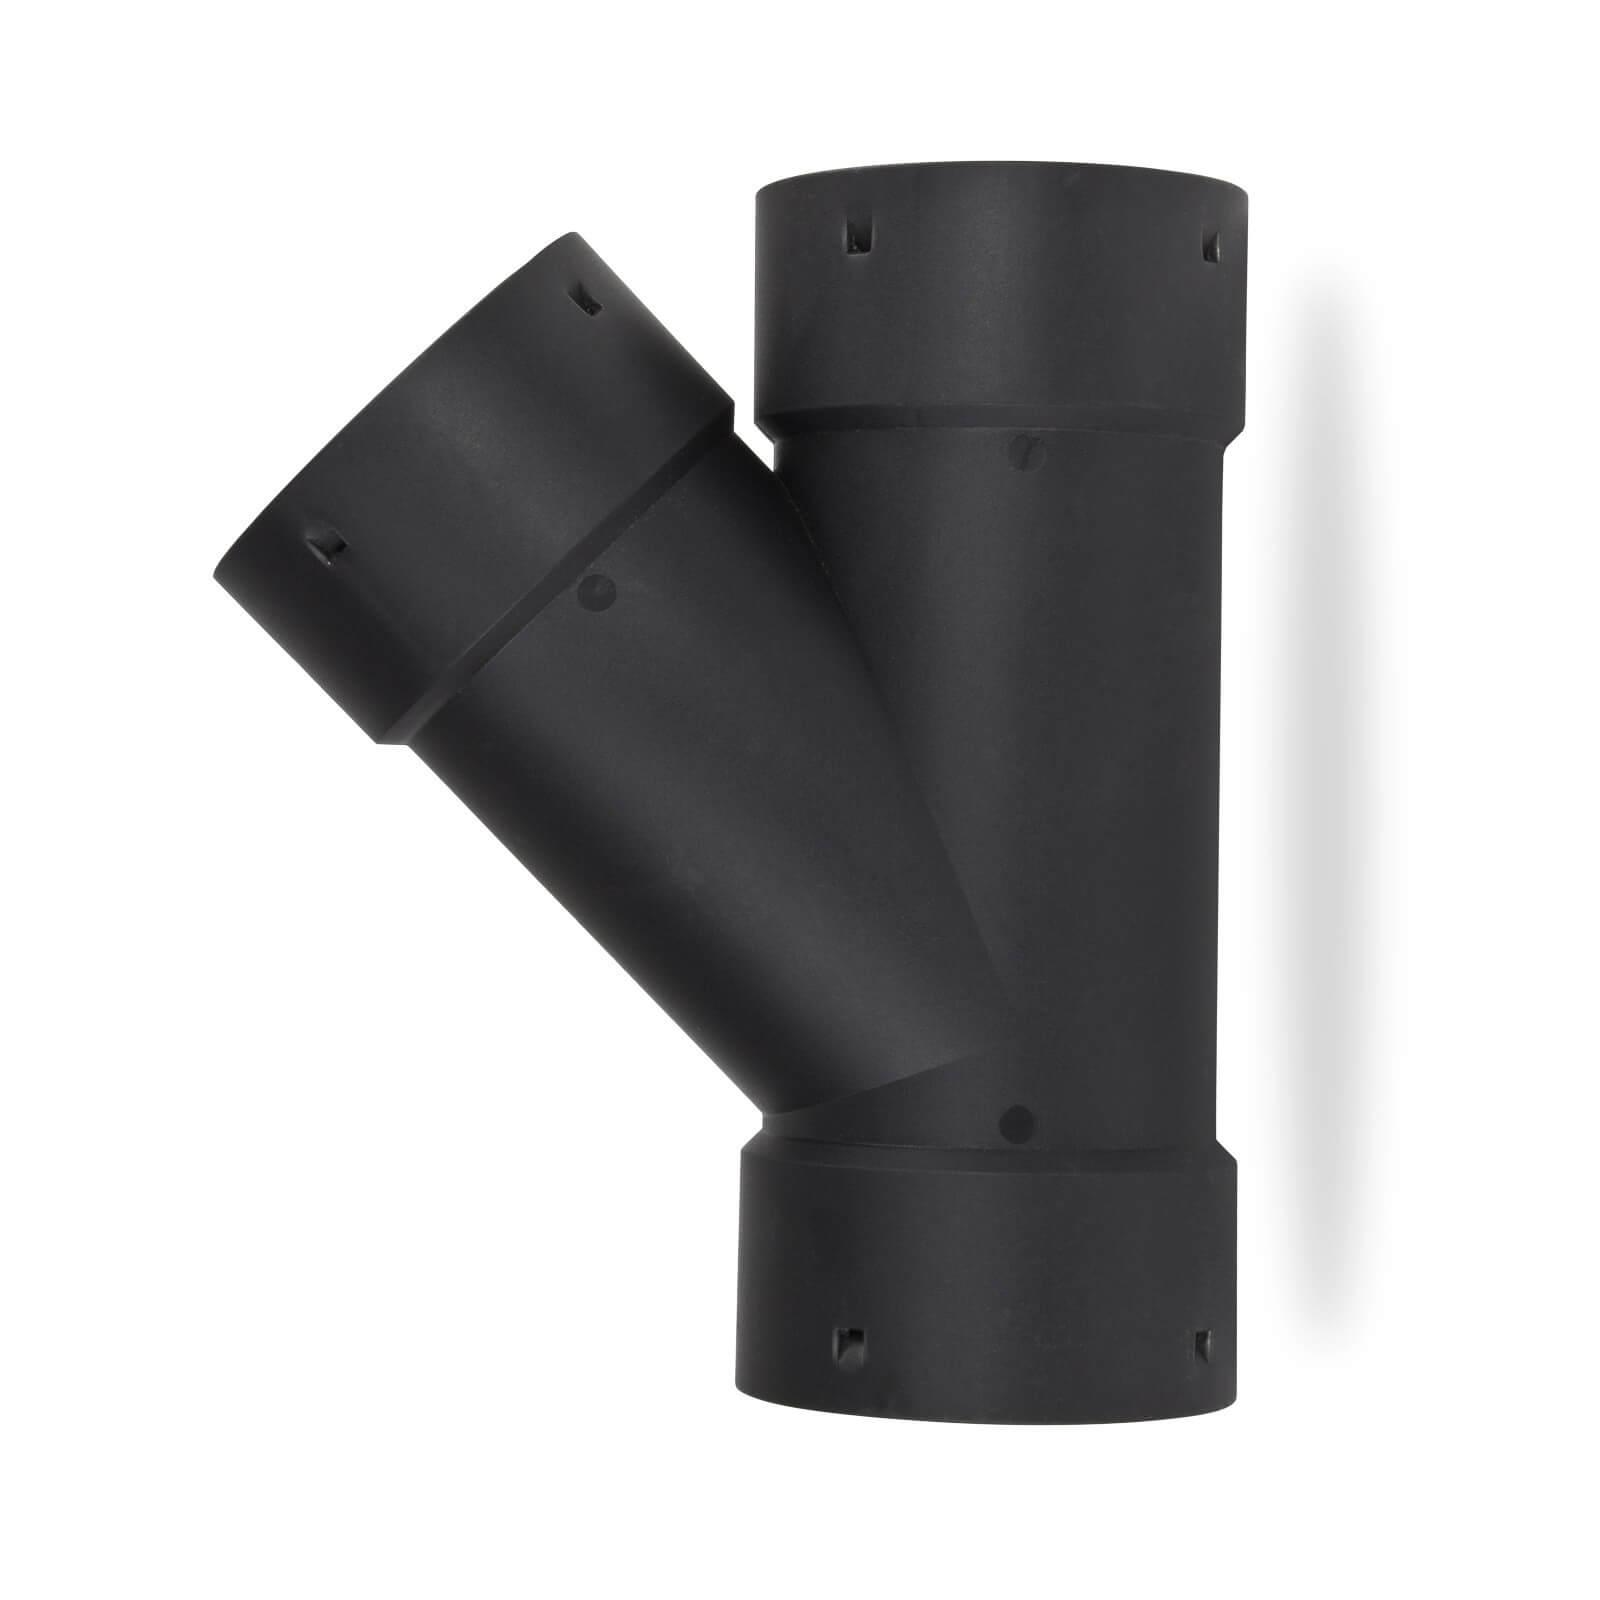 STABILO Sanitaer T-St/ück DN 65 mm Abzweig Drainagerohr Drainageschlauch Dr/änagerohr Dr/änageschlauch Drainage Dr/änage Drainrohr